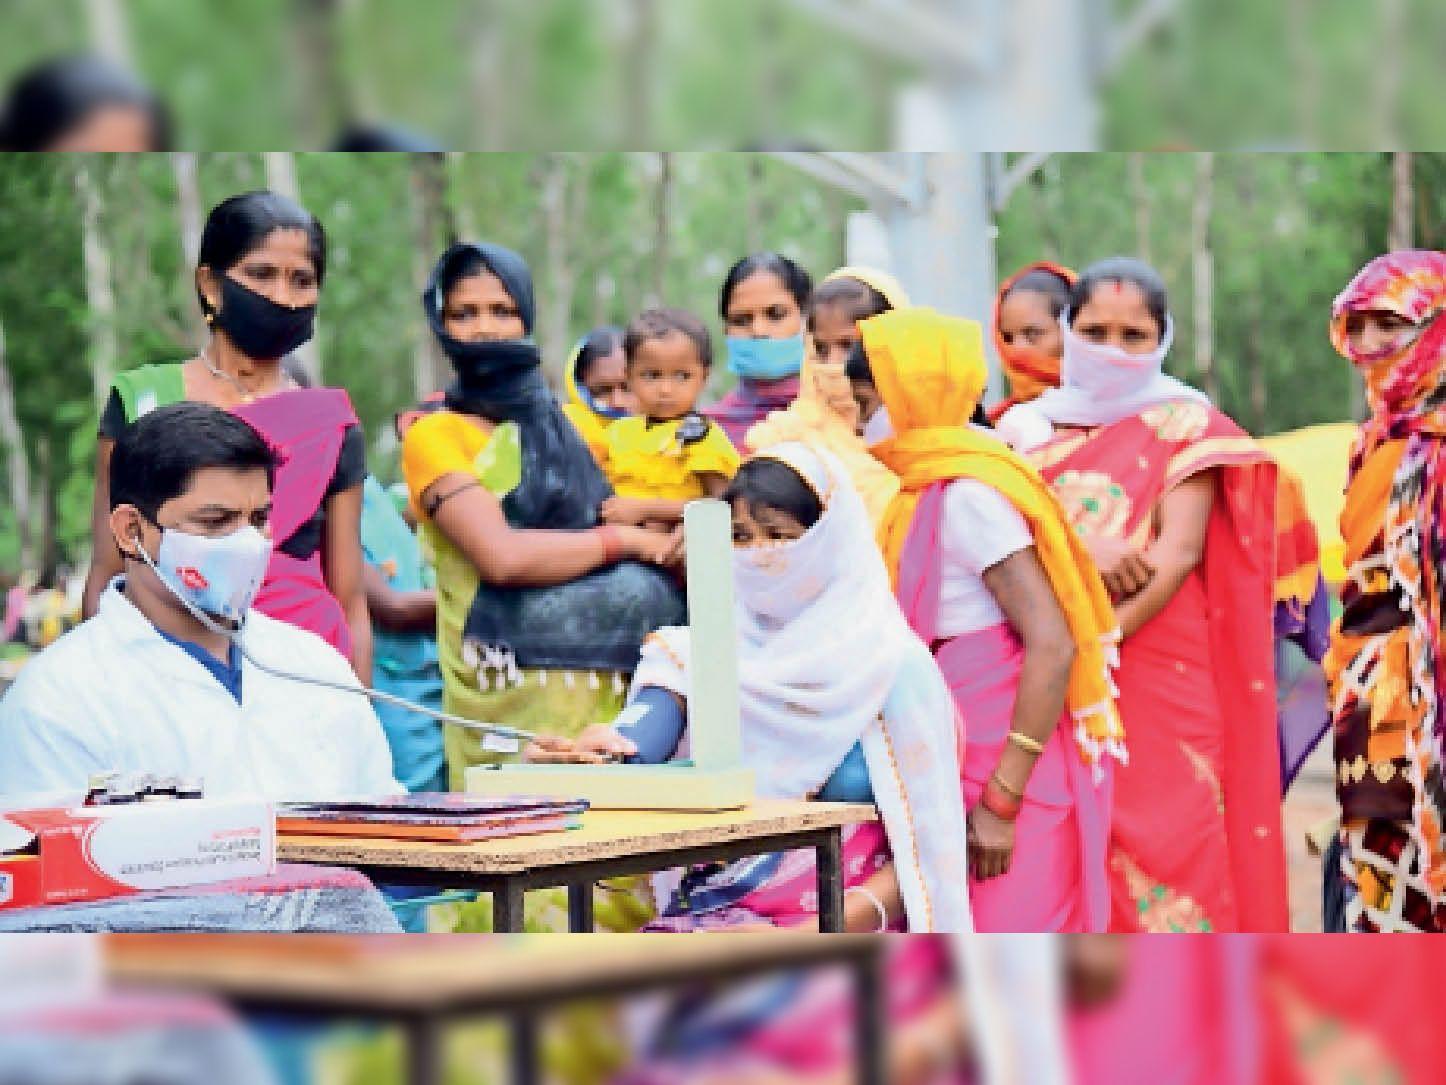 साप्ताहिक हाट में ग्रामीणांे का इलाज करते डॉक्टर। - Dainik Bhaskar